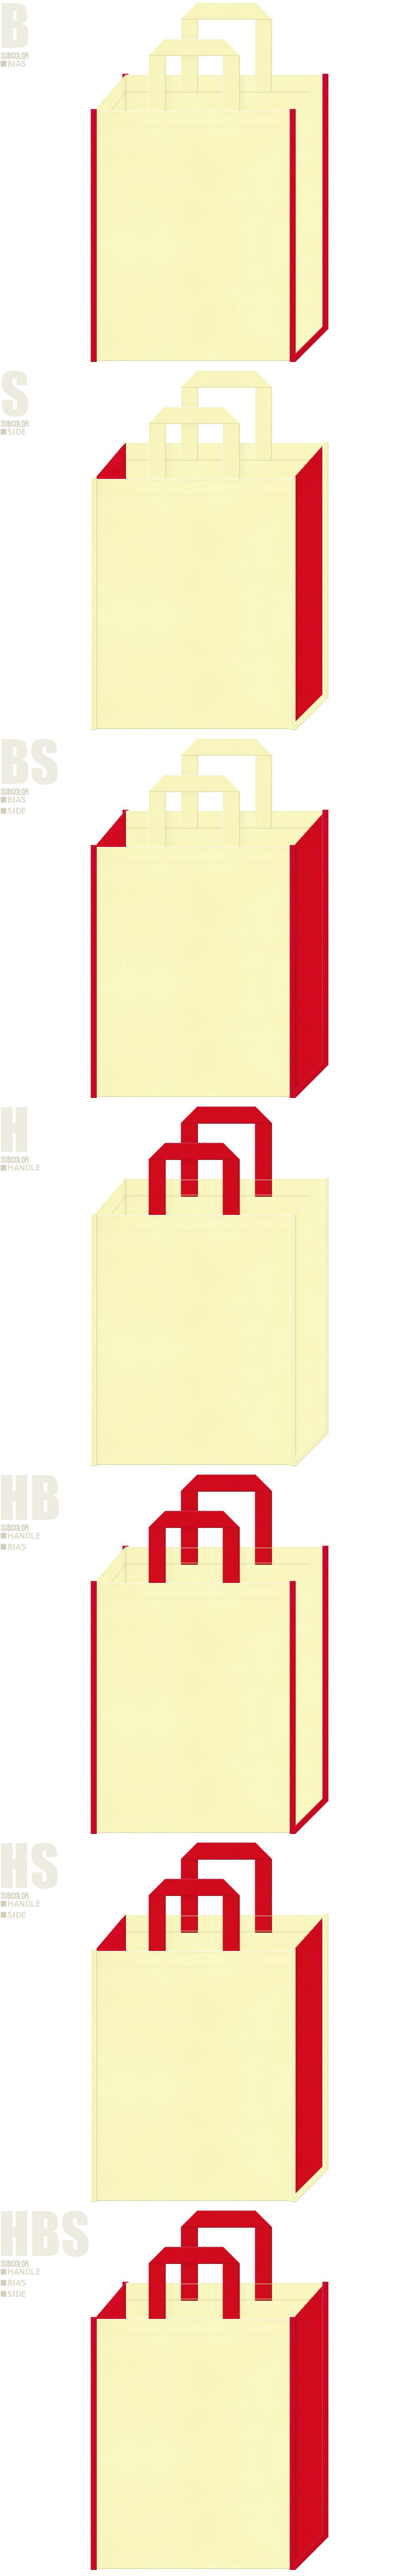 ゲーム・姫・ひな祭り・パスタ・ミートソース・トマトケチャップ・タバスコ・チーズ・宅配ピザにお奨めの不織布バッグデザイン:薄黄色と紅色の配色7パターン。